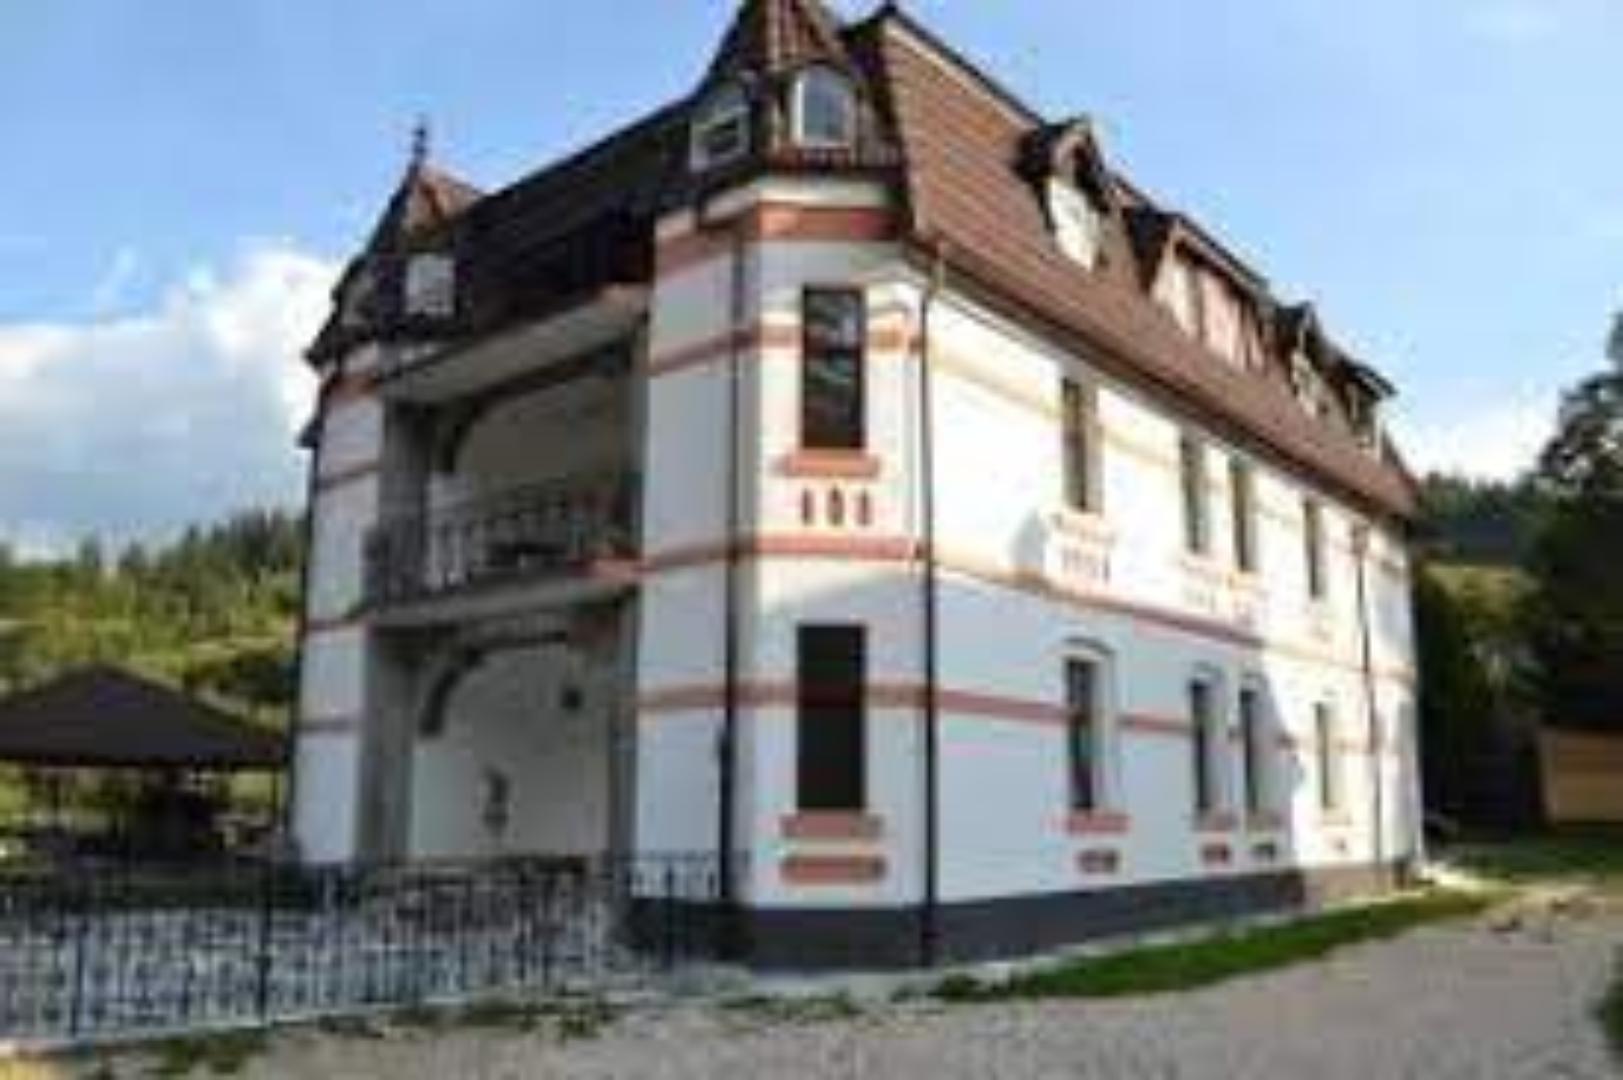 A large brick building at Castle Gate Guest House.